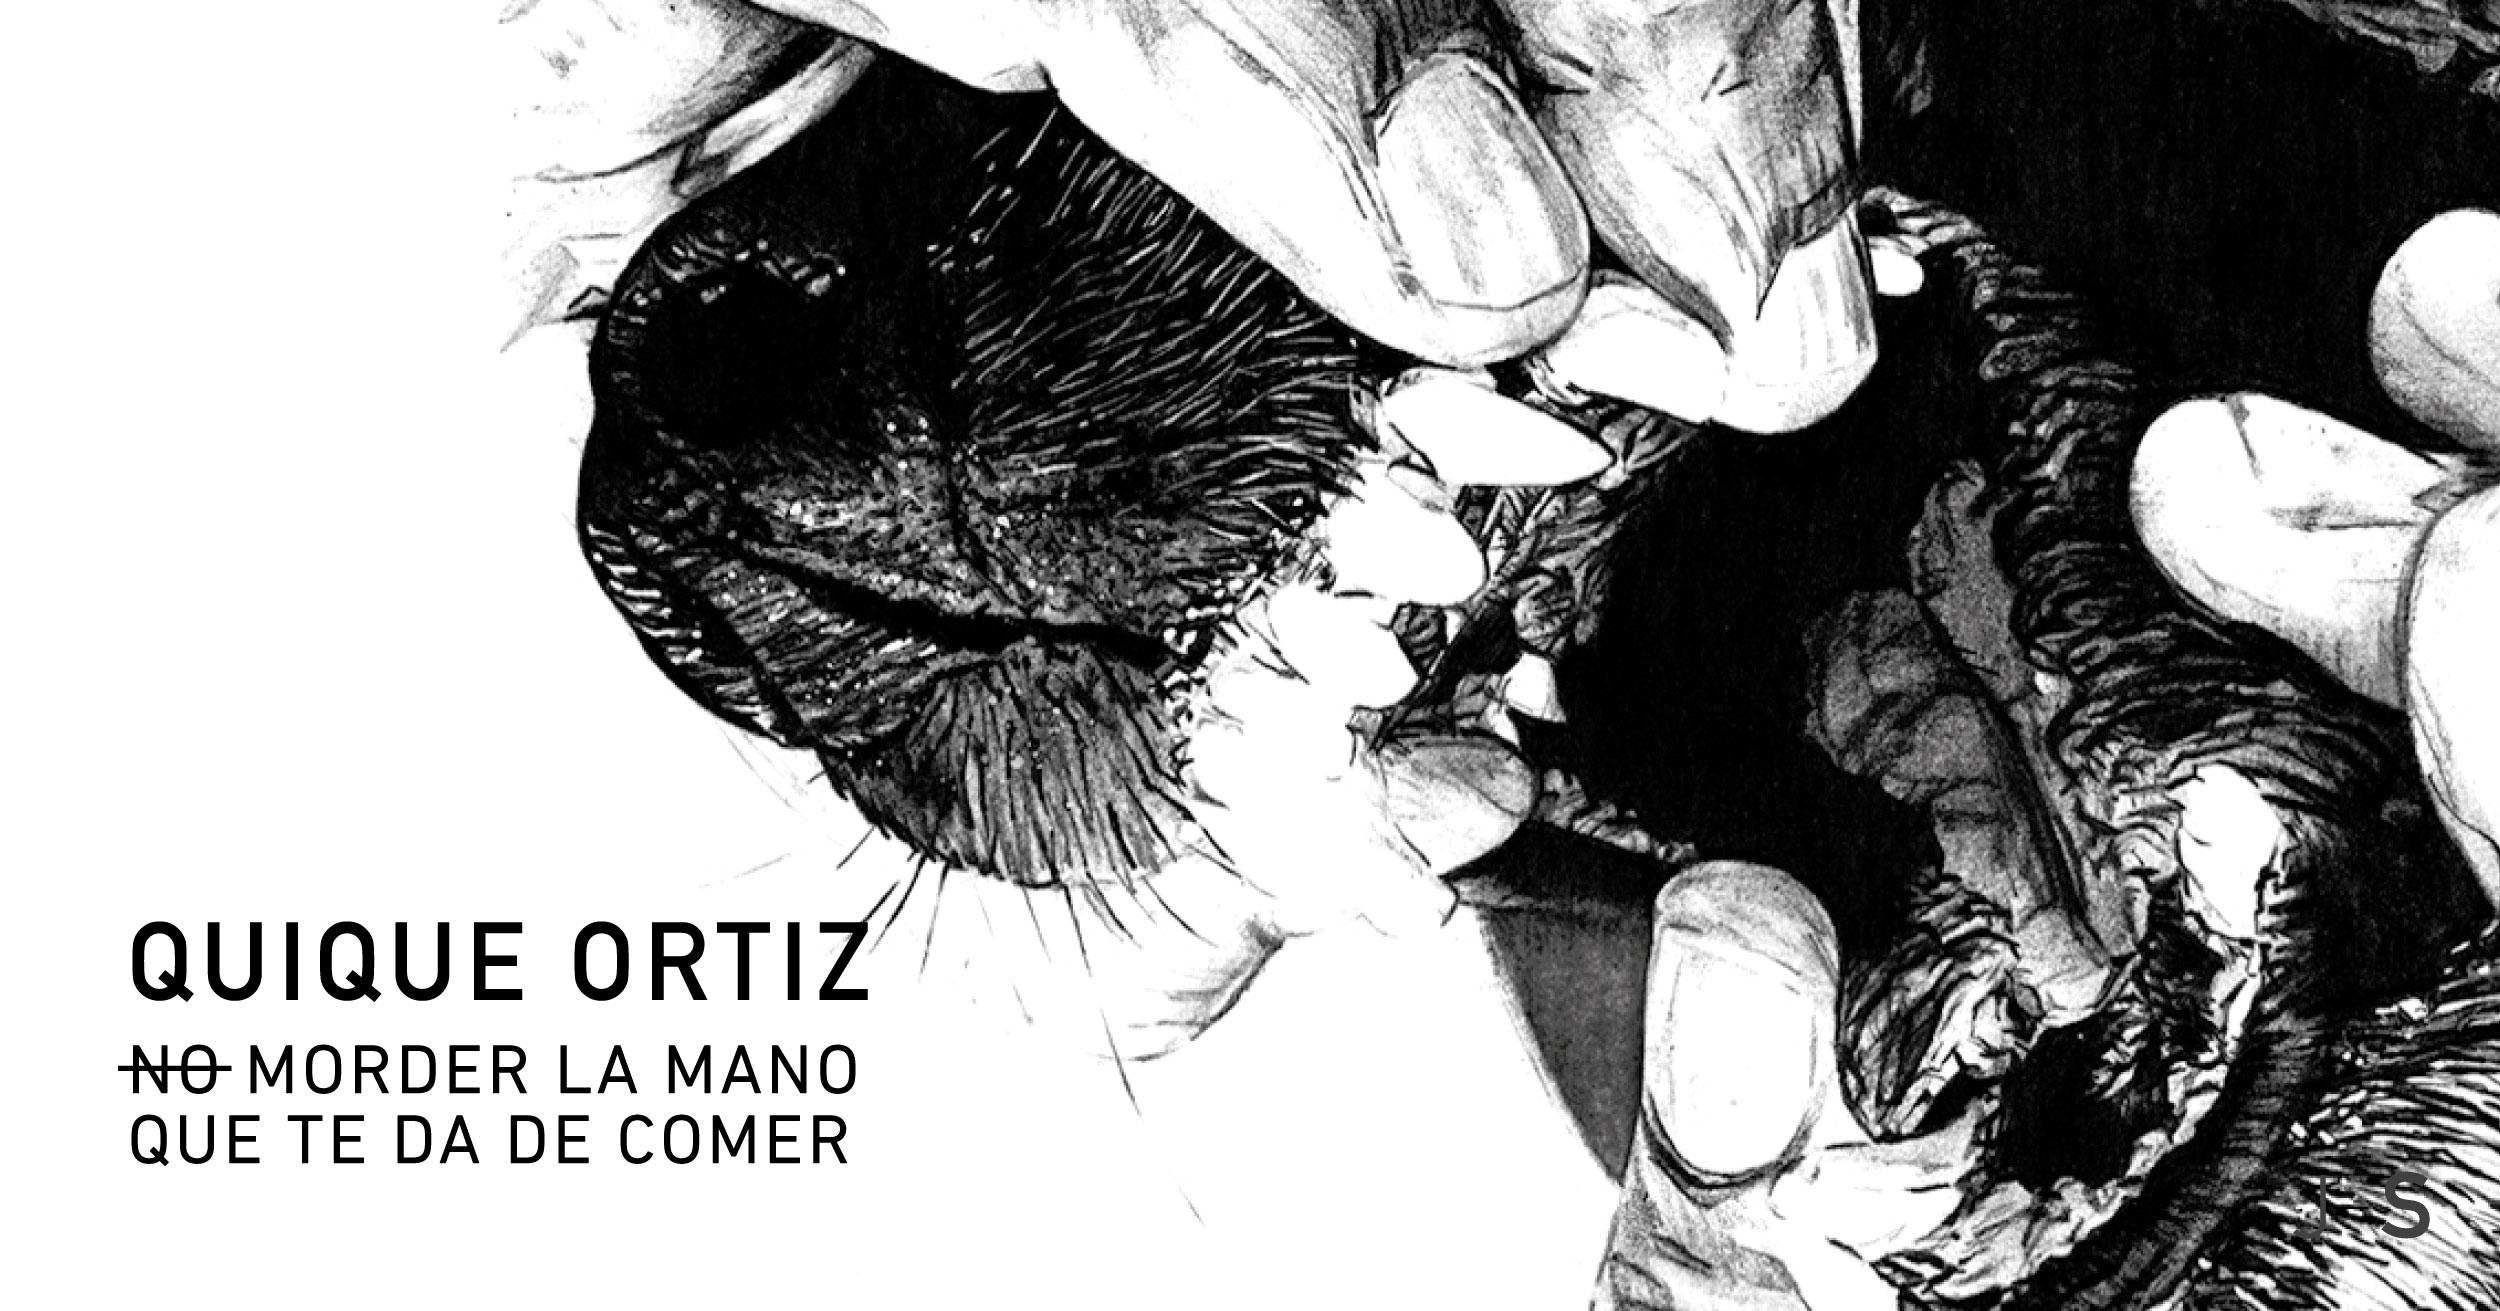 Quique Ortiz, No morder la mano que te da de comer, Galeria Juan Silio, Santander